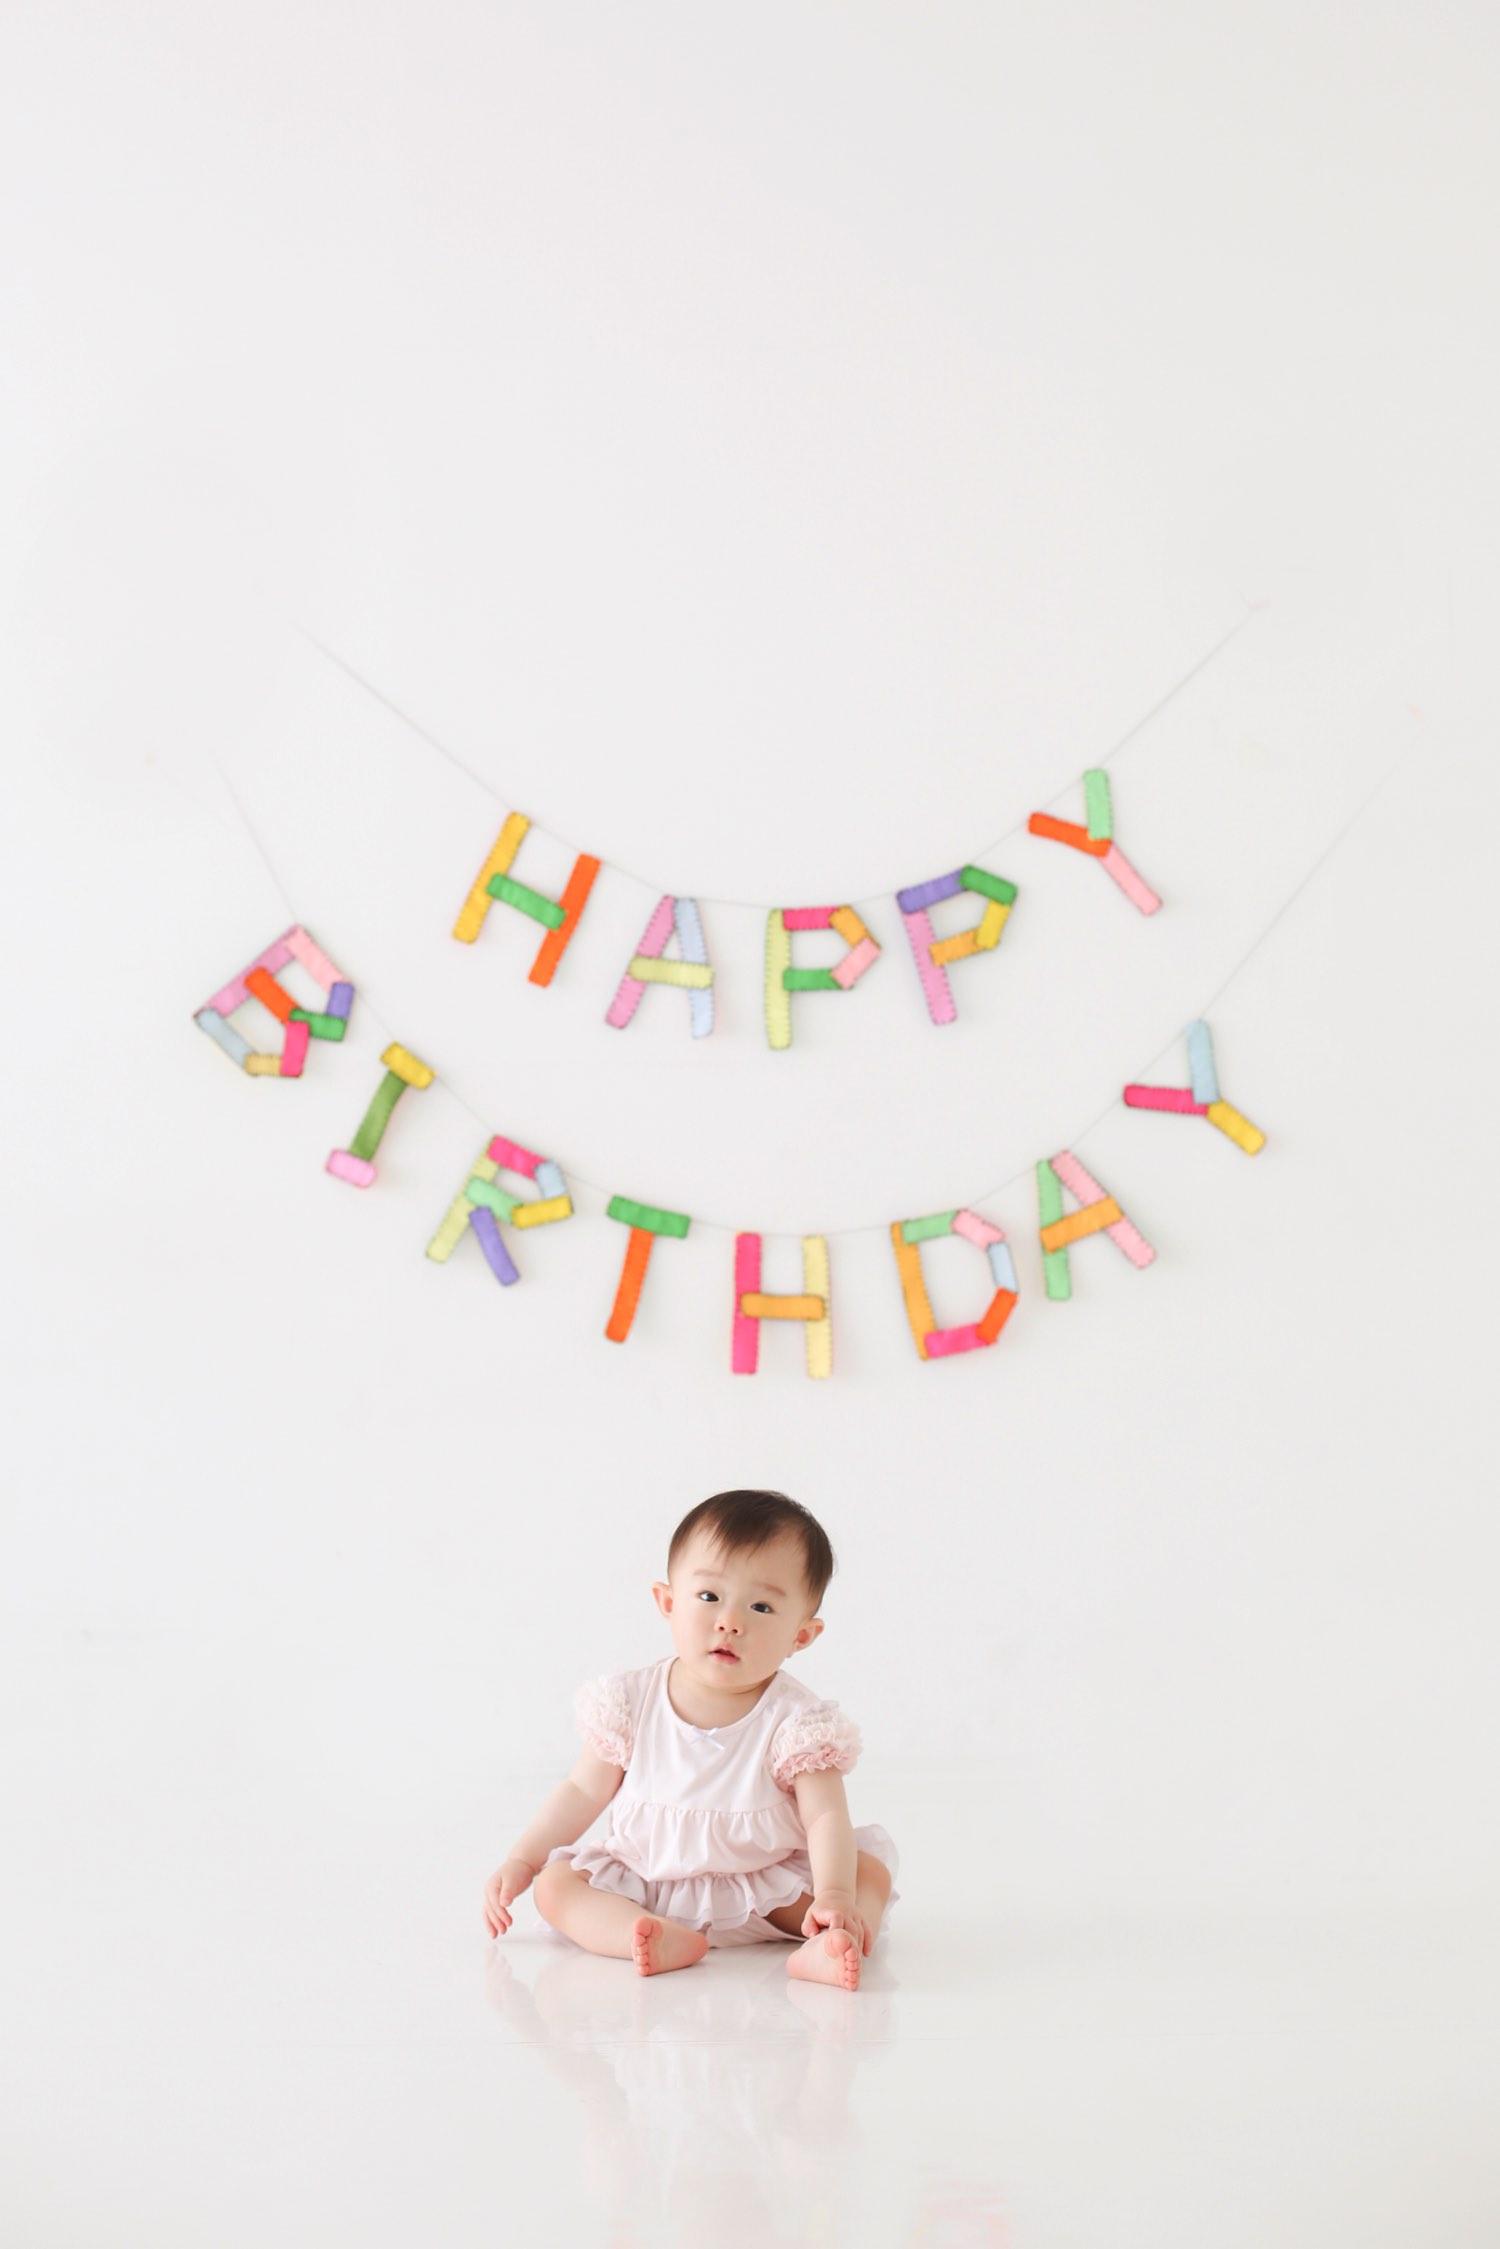 オシャレなお誕生日写真